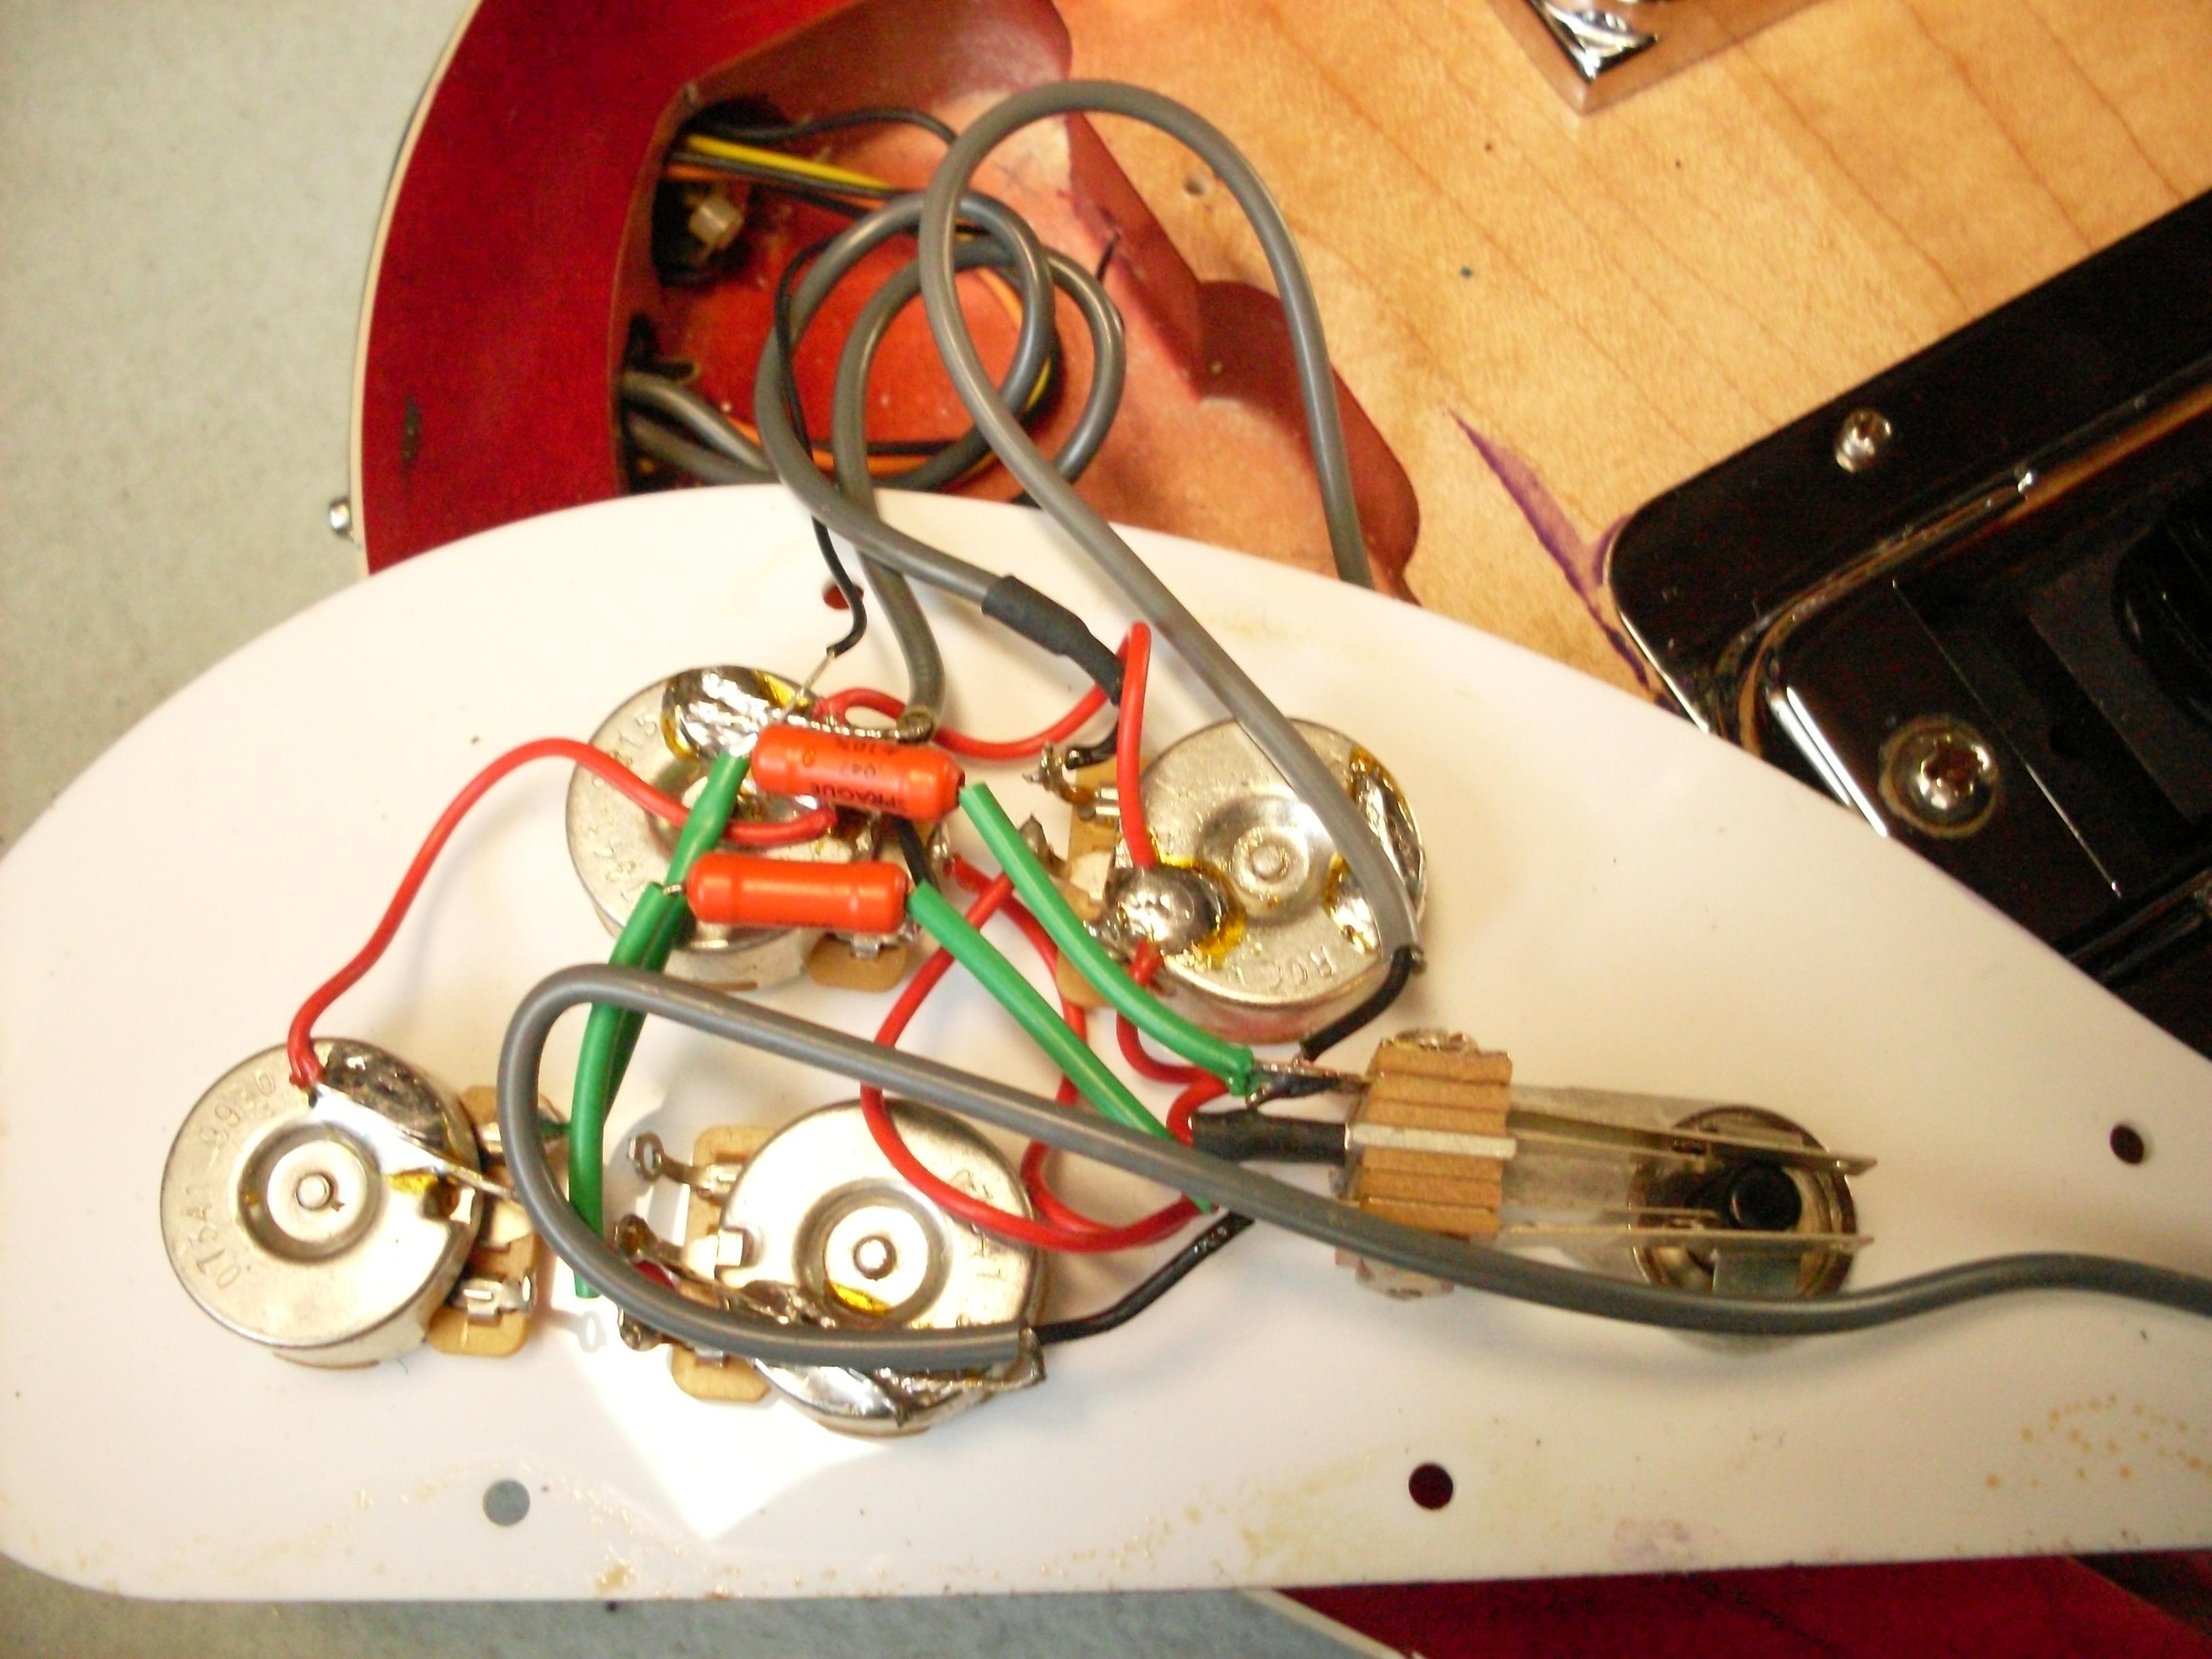 rickenbacker 4001 wiring diagram residential water softener hook up 340 360